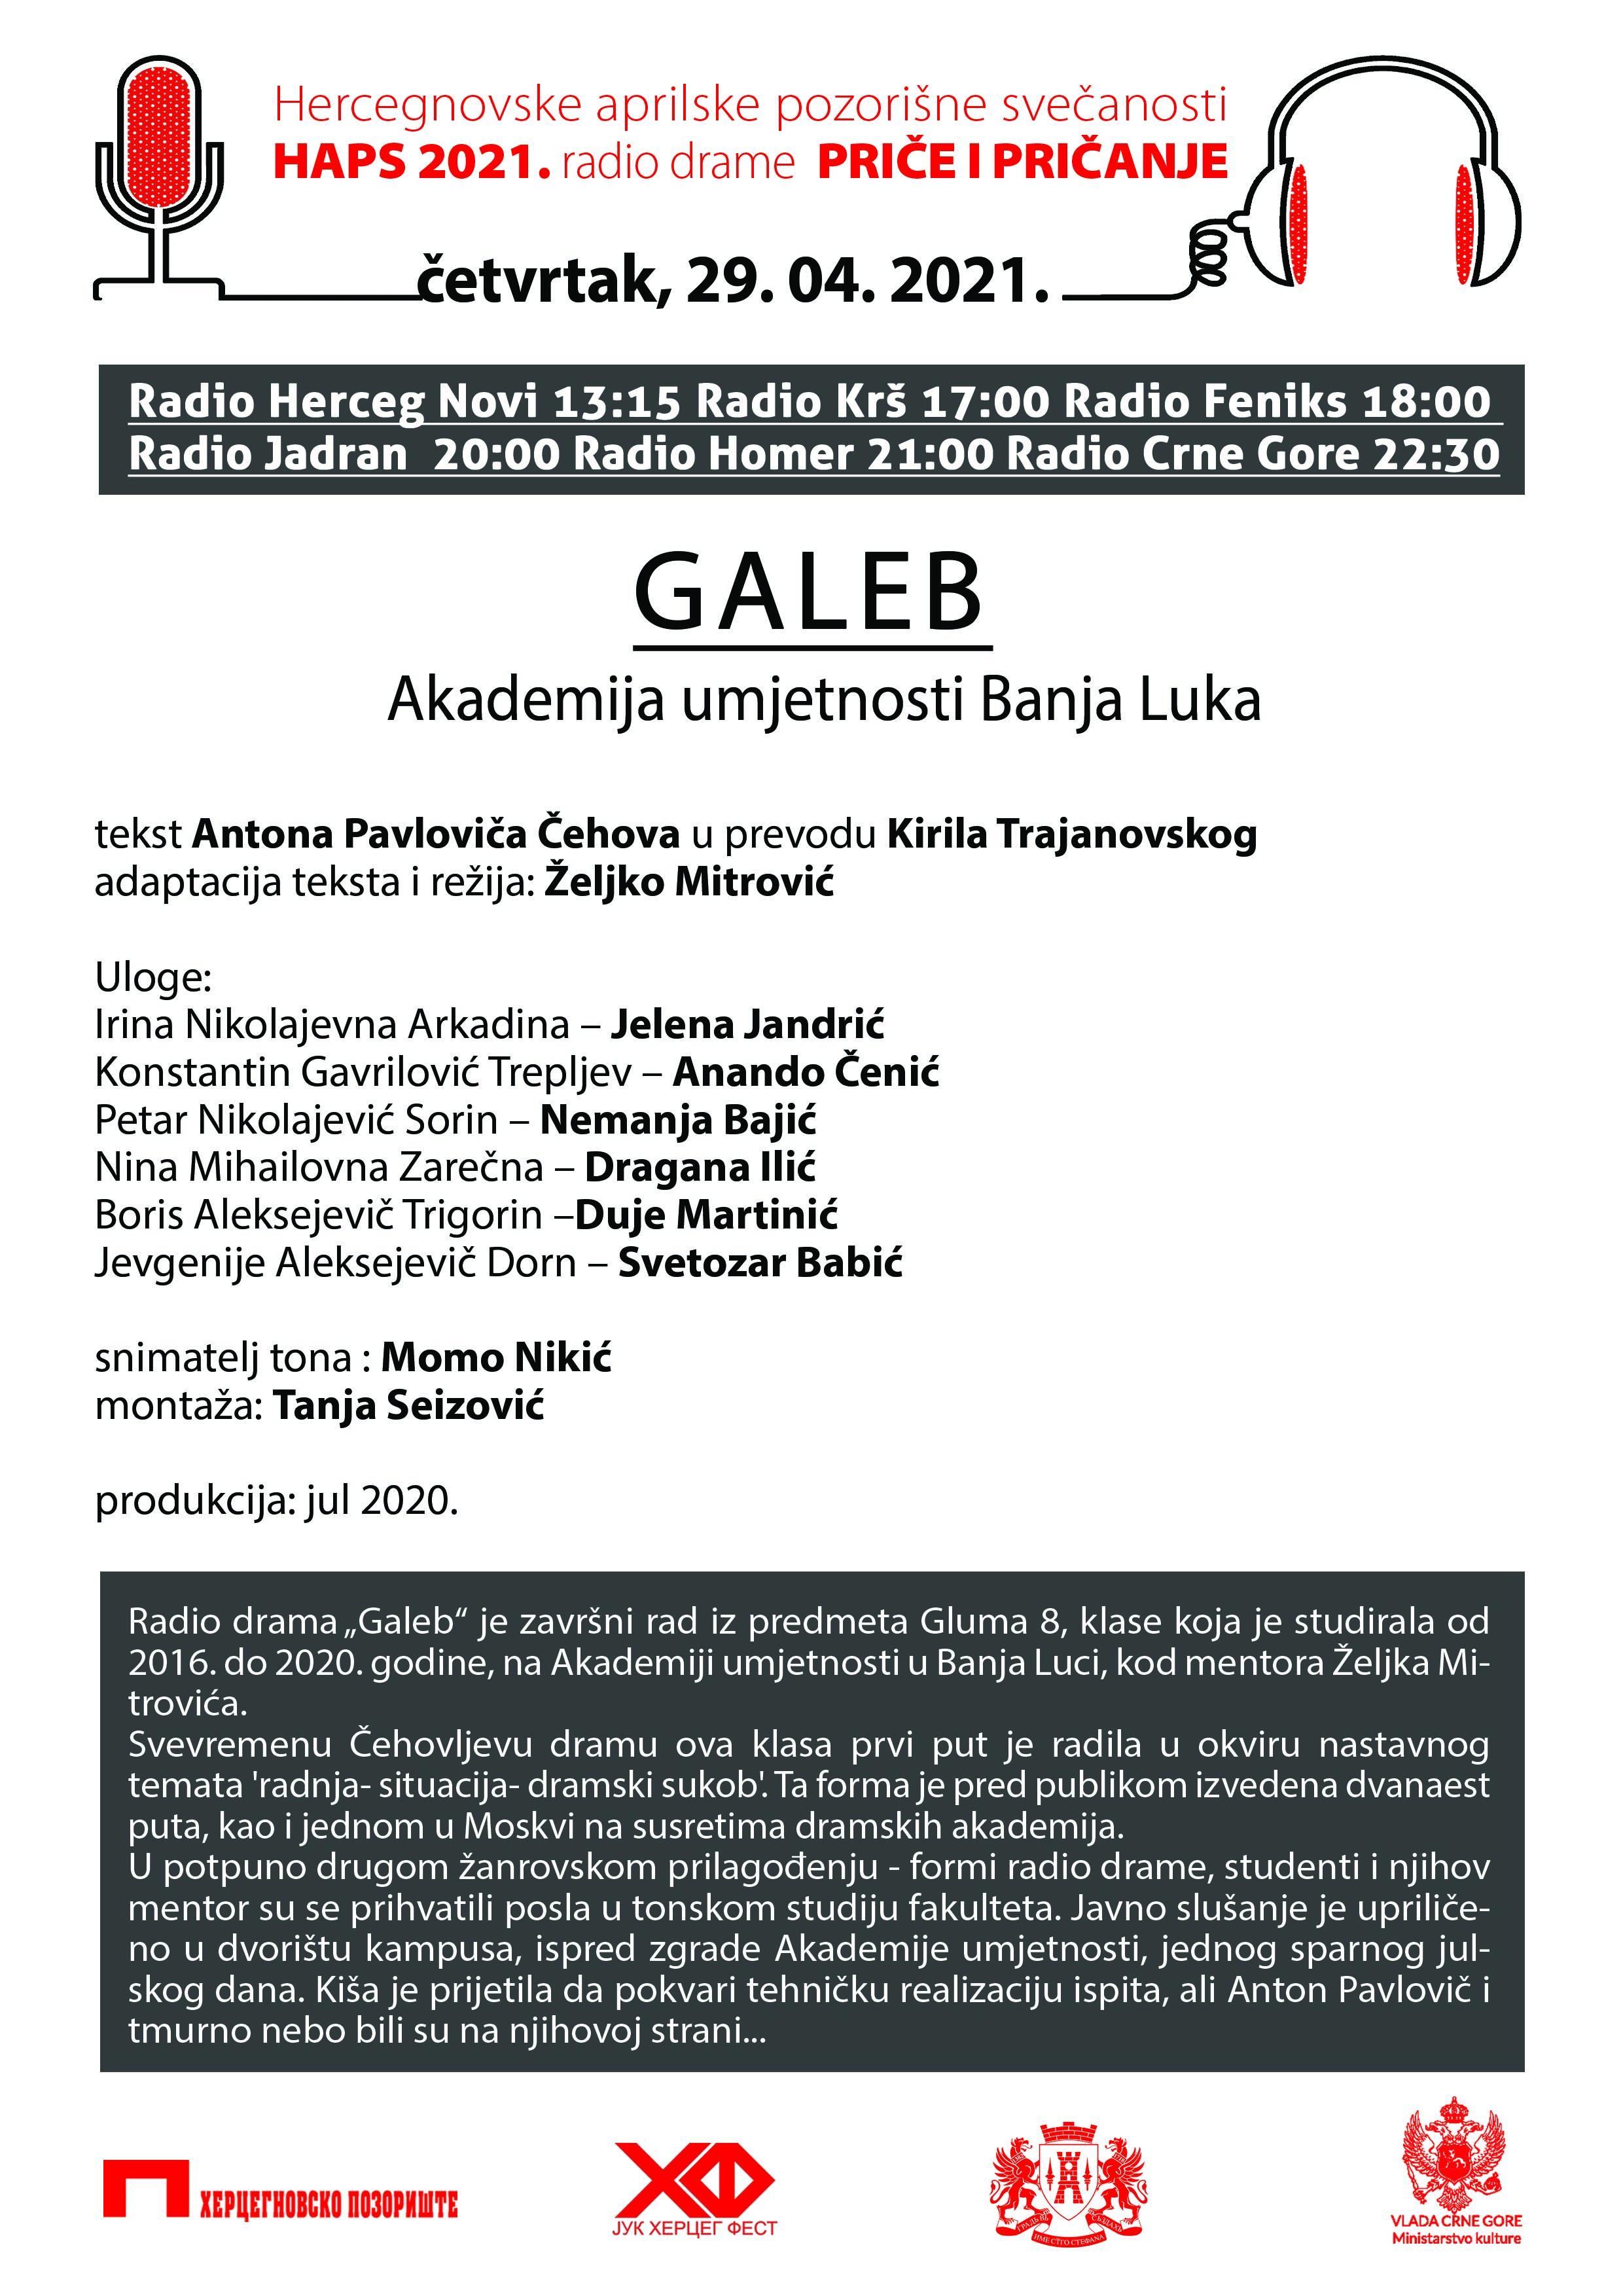 """Radio drama """"Galeb"""" četvrtak 29. aprila 2021. godine"""